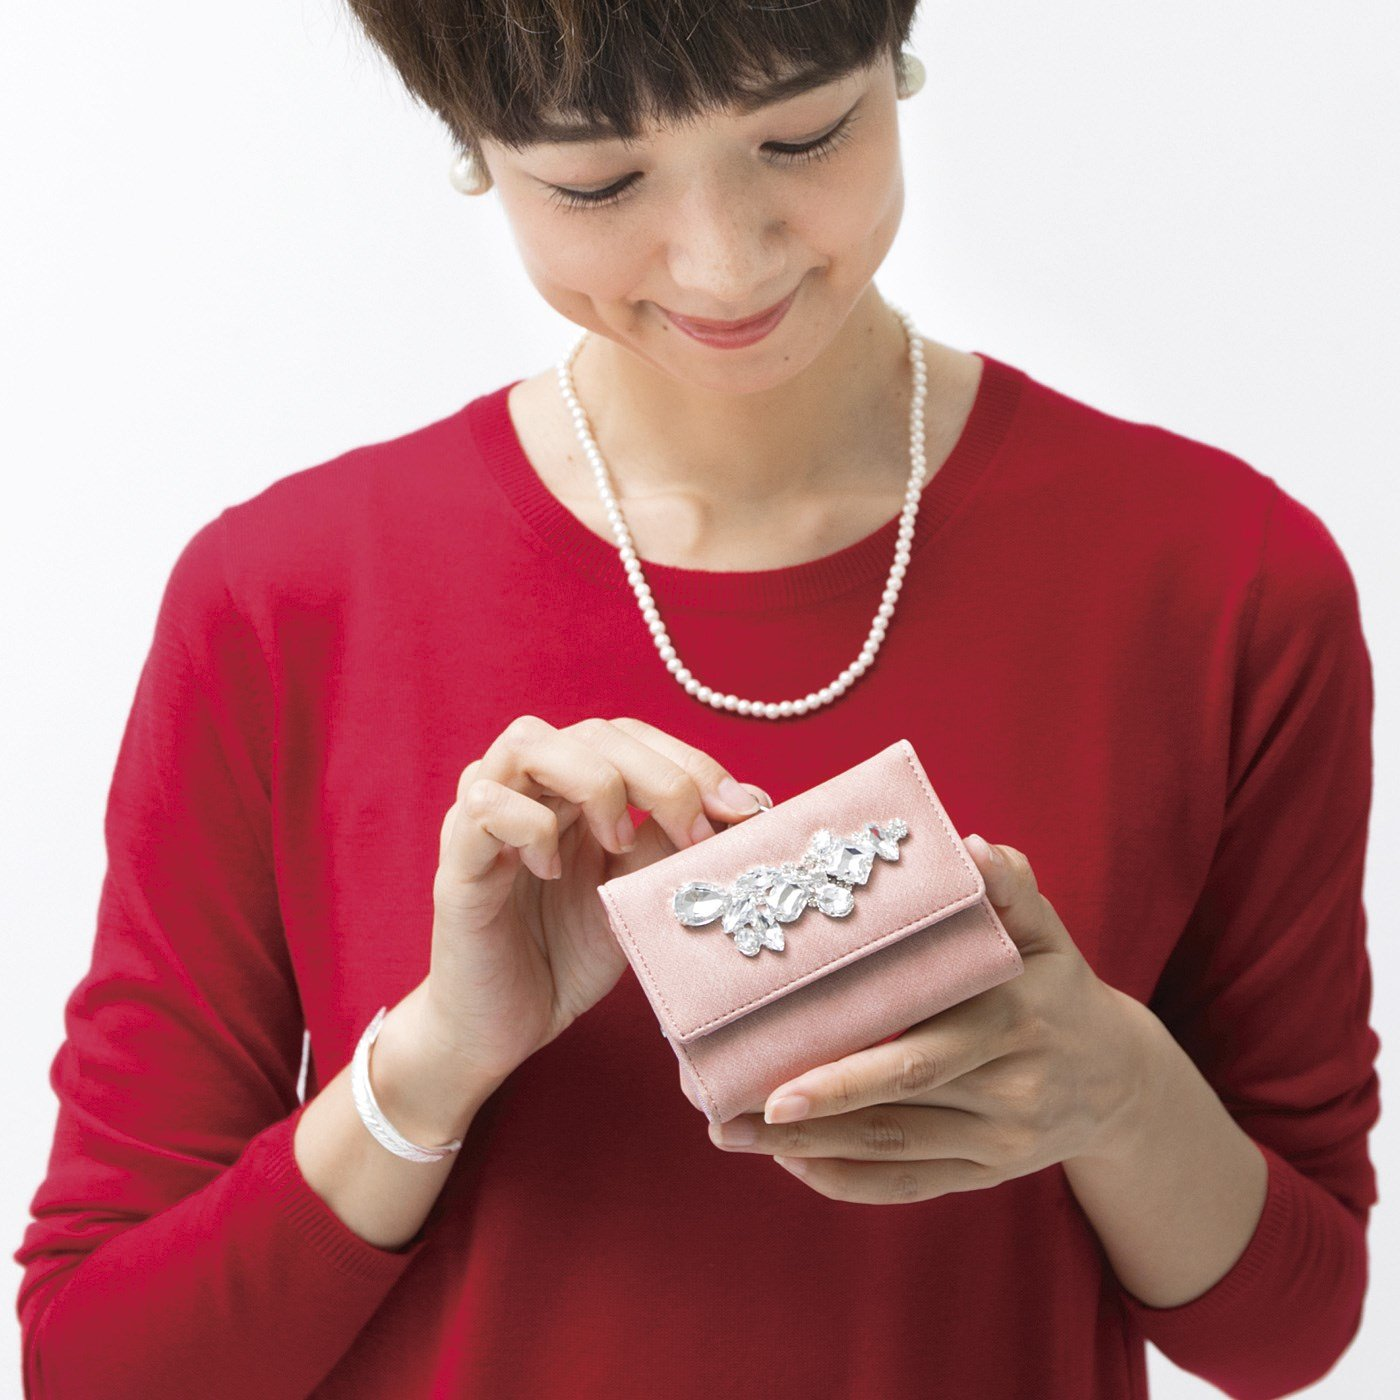 手のひらの上できらめく宝物!コンパクトでしっかり者のビジュー付きミニマム財布の会